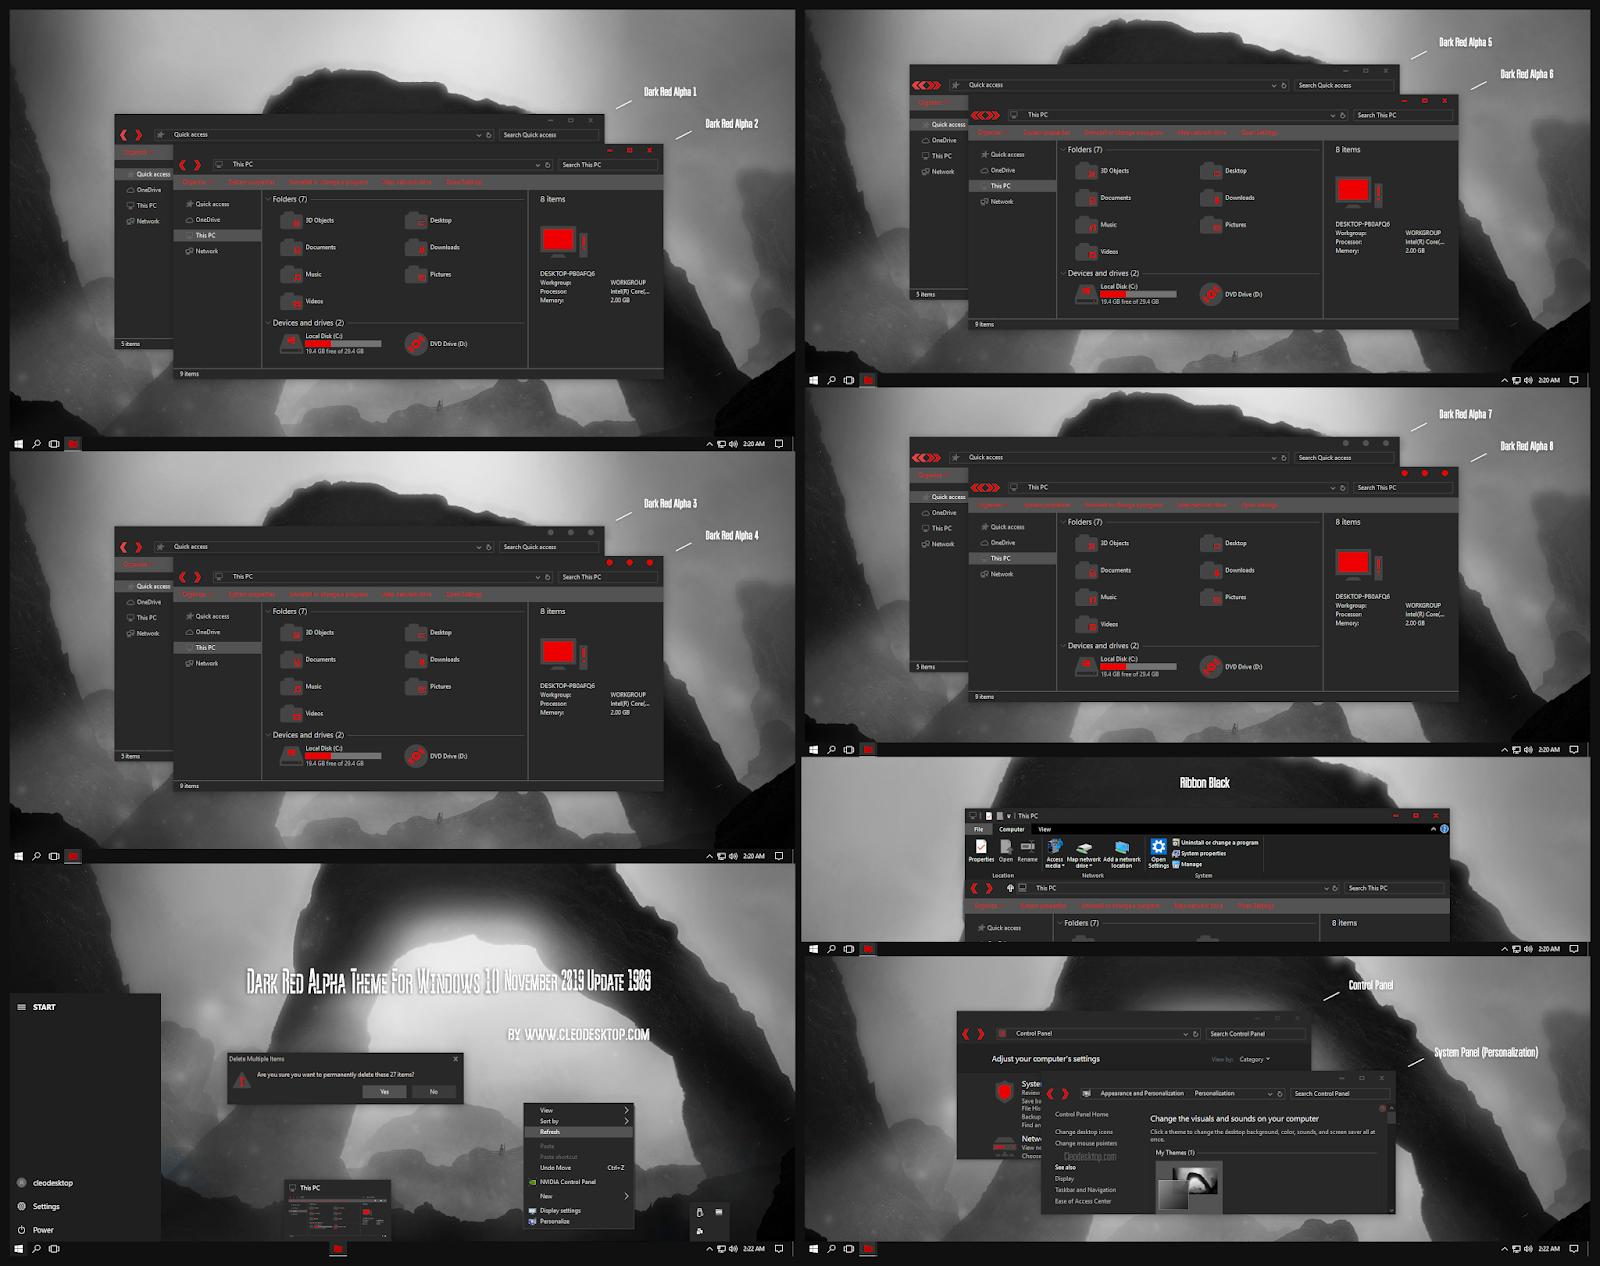 Dark Red Alpha Theme Windows10 November 2019 Update 1909